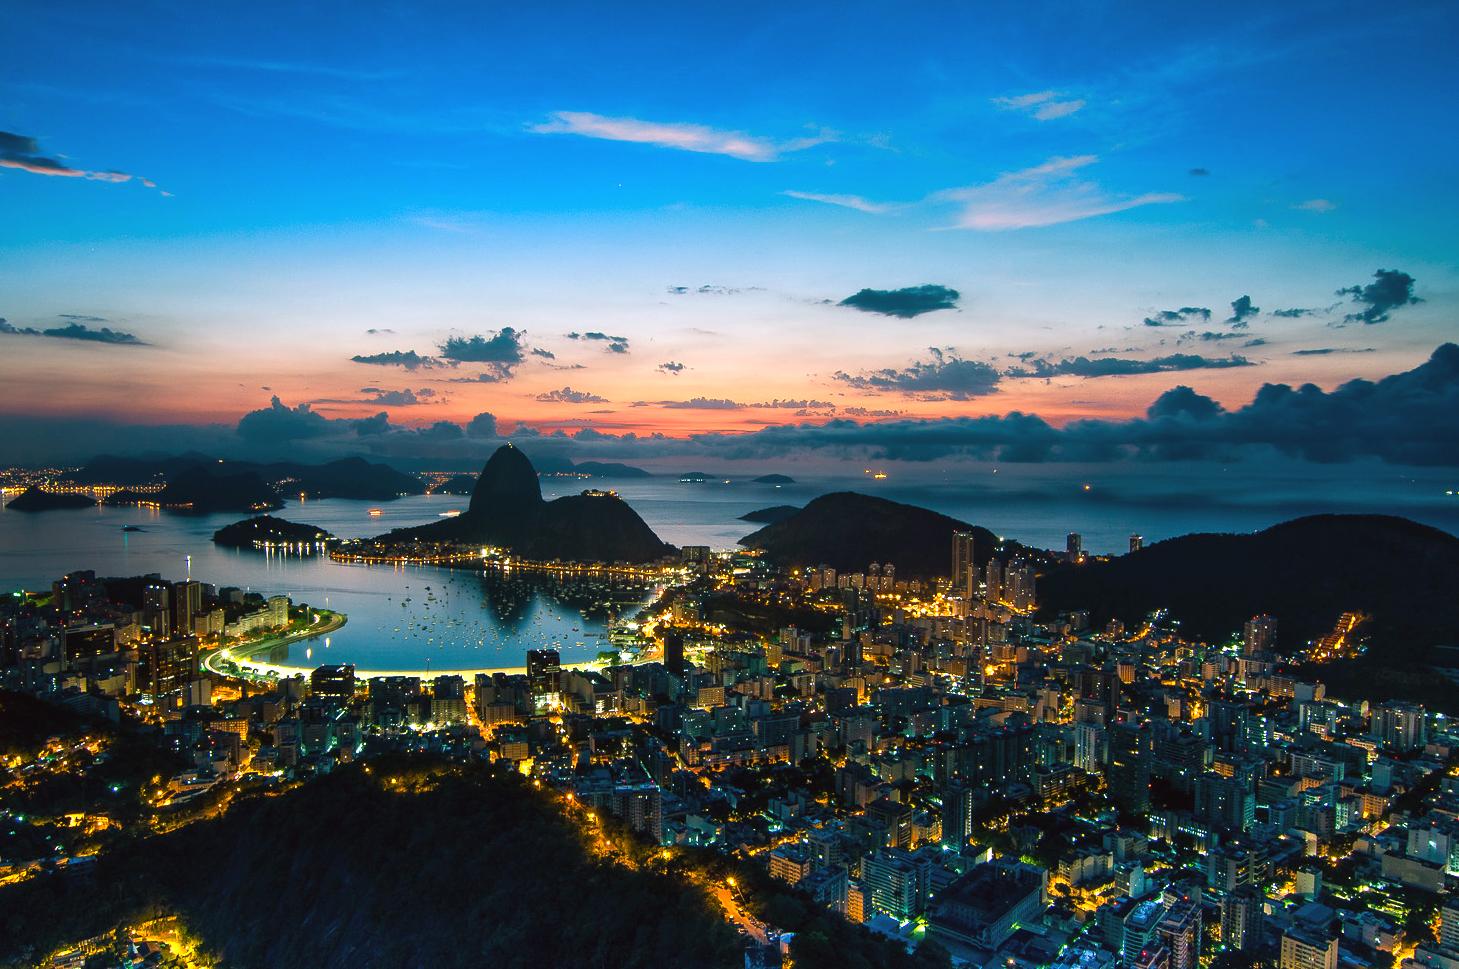 Foto: Higor de Padua Vieira Neto